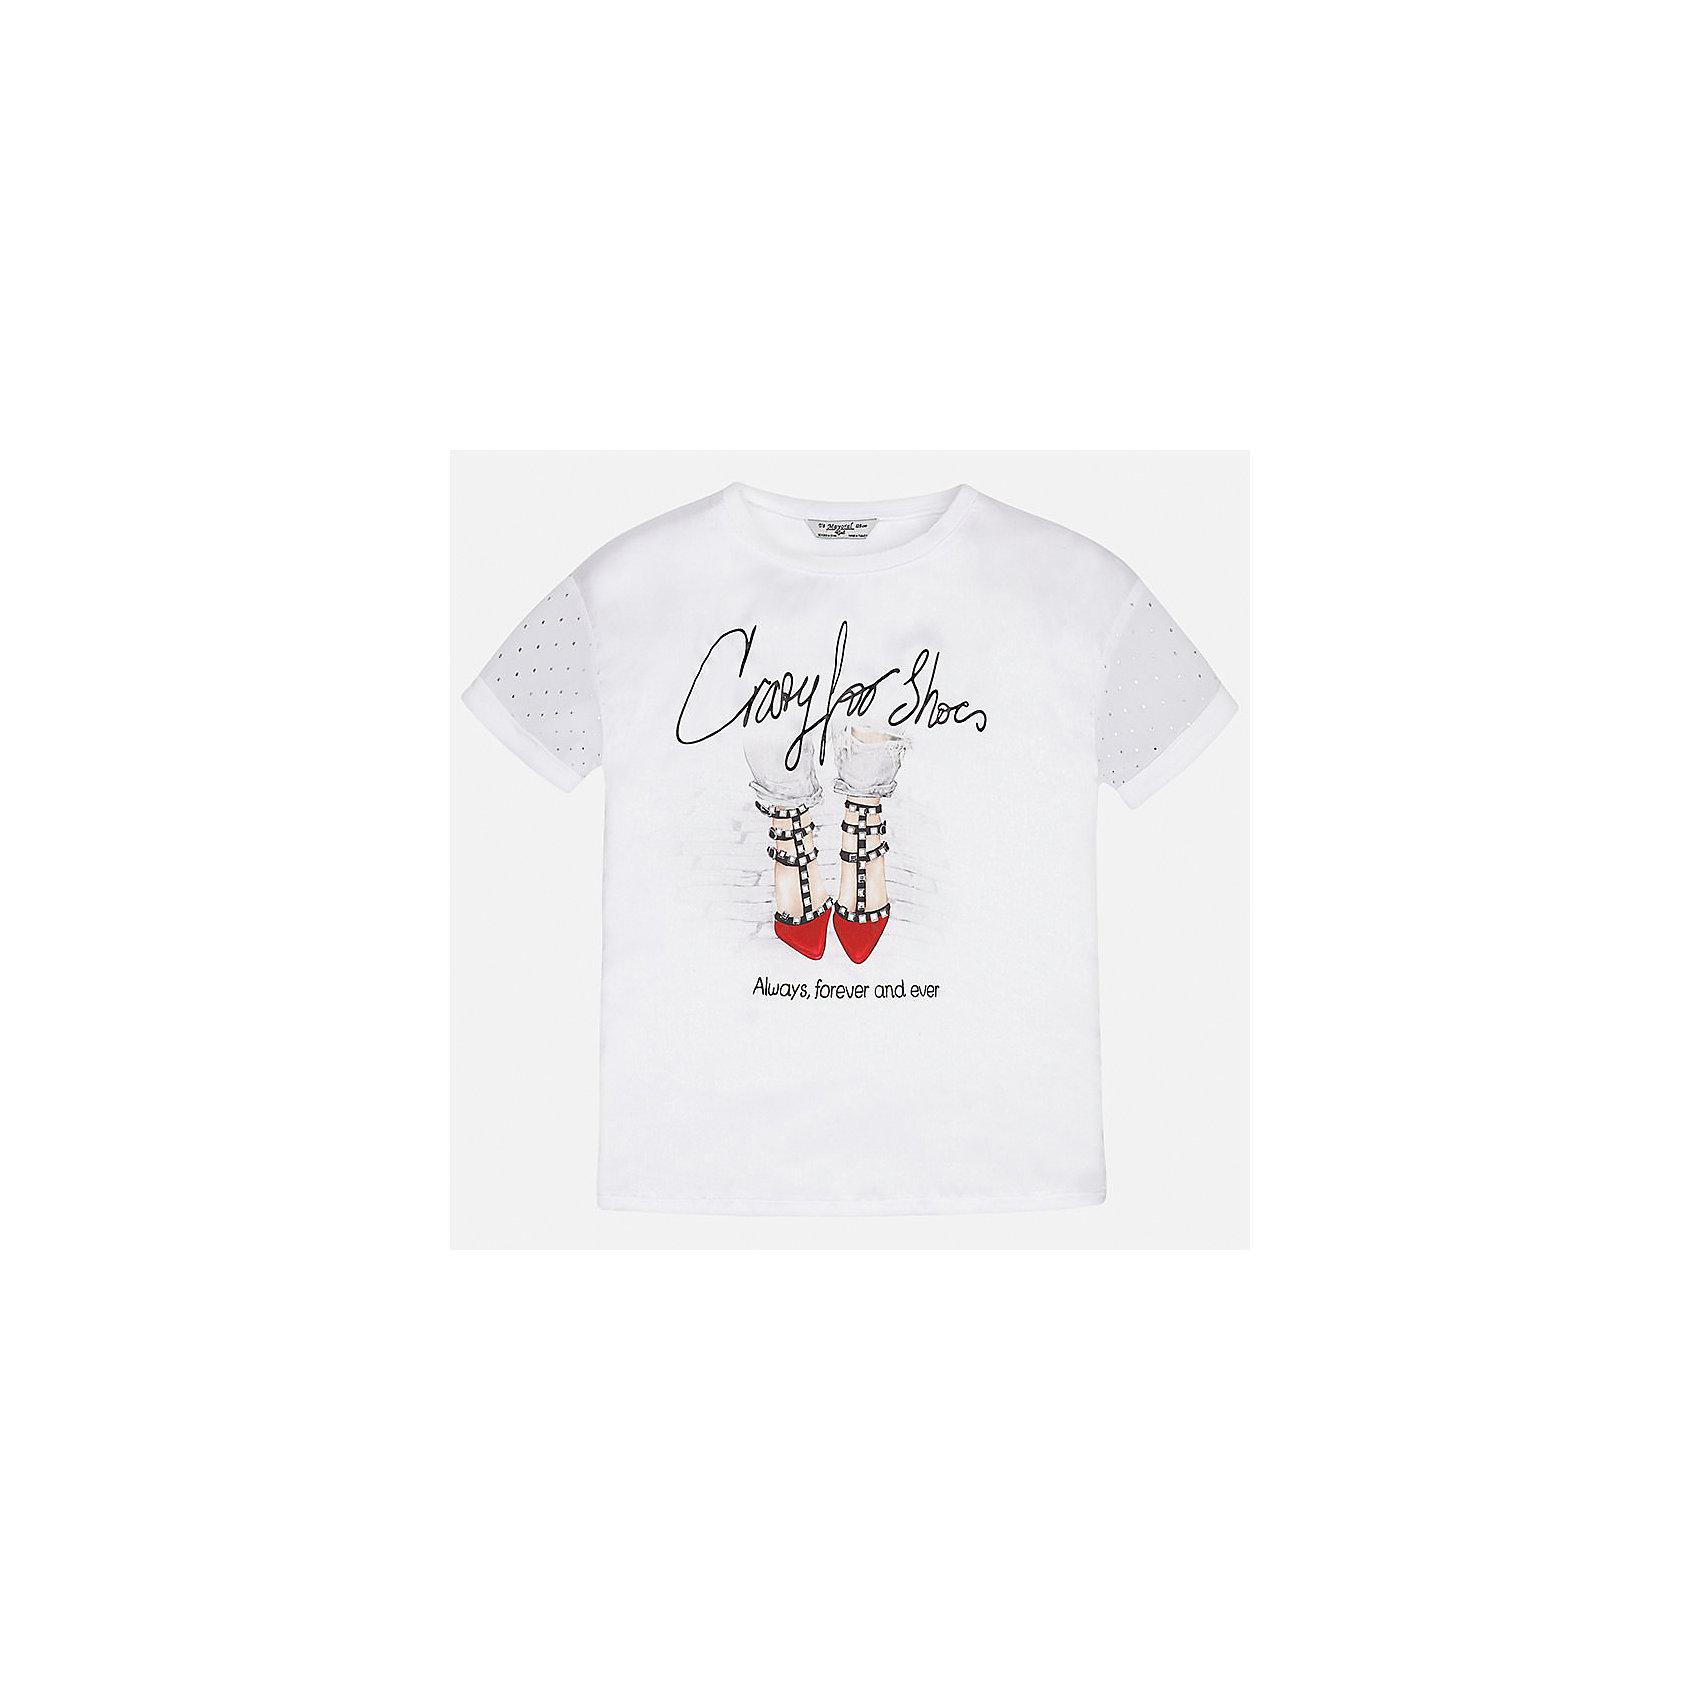 Футболка для девочки MayoralФутболки, поло и топы<br>Характеристики товара:<br><br>• цвет: белый<br>• состав: 60% полиэстер, 40% вискоза<br>• эластичный материал<br>• декорирована принтом<br>• короткие рукава<br>• округлый горловой вырез<br>• страна бренда: Испания<br><br>Модная качественная футболка для девочки поможет разнообразить гардероб ребенка и украсить наряд. Она отлично сочетается и с юбками, и с шортами, и с брюками. Универсальный цвет позволяет подобрать к вещи низ практически любой расцветки. Интересная отделка модели делает её нарядной и оригинальной.<br><br>Одежда, обувь и аксессуары от испанского бренда Mayoral полюбились детям и взрослым по всему миру. Модели этой марки - стильные и удобные. Для их производства используются только безопасные, качественные материалы и фурнитура. Порадуйте ребенка модными и красивыми вещами от Mayoral! <br><br>Футболку для девочки от испанского бренда Mayoral (Майорал) можно купить в нашем интернет-магазине.<br><br>Ширина мм: 199<br>Глубина мм: 10<br>Высота мм: 161<br>Вес г: 151<br>Цвет: красный<br>Возраст от месяцев: 84<br>Возраст до месяцев: 96<br>Пол: Женский<br>Возраст: Детский<br>Размер: 128/134,170,164,158,152,140<br>SKU: 5300695